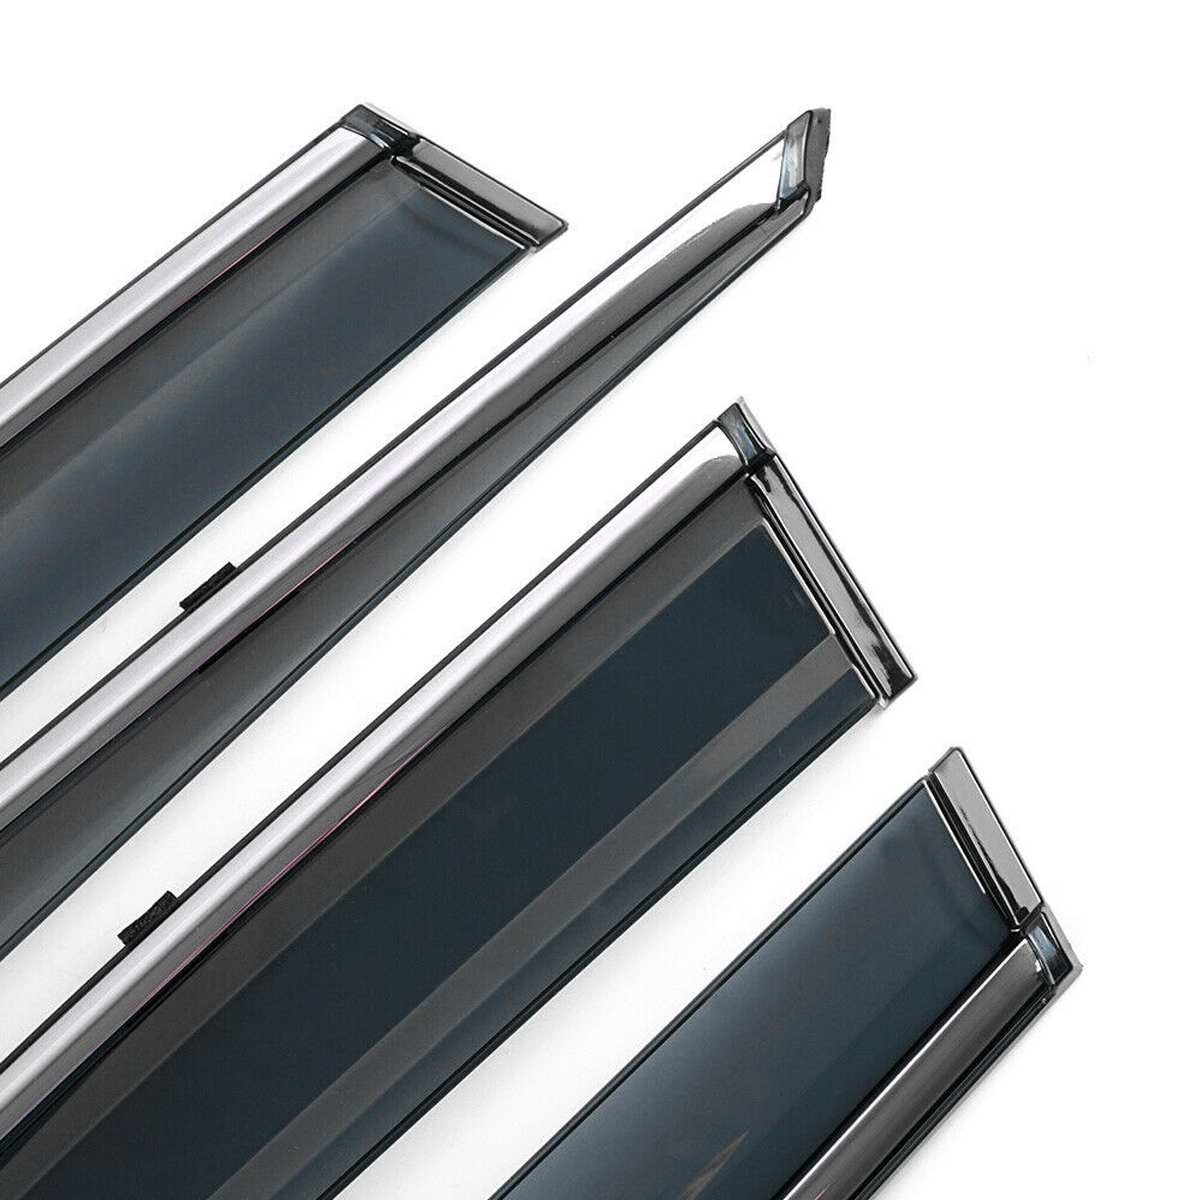 Déflecteur de pare-brise de fenêtre 4 pièces/ensemble garnitures chromées déflecteurs d'ombre de soleil d'évent pour Toyota RAV4 2019 ~ 2020 - 5